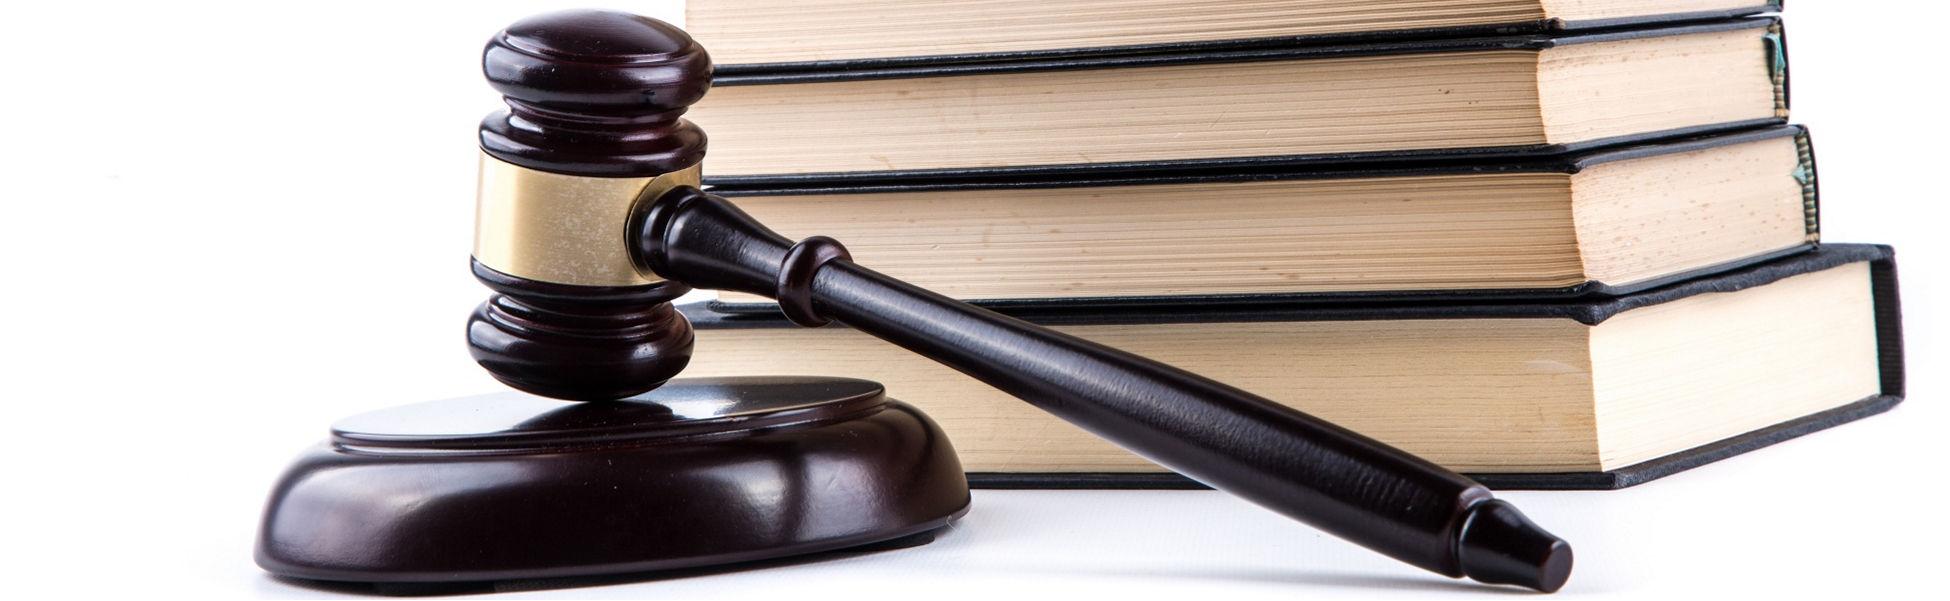 gavel-court-judge